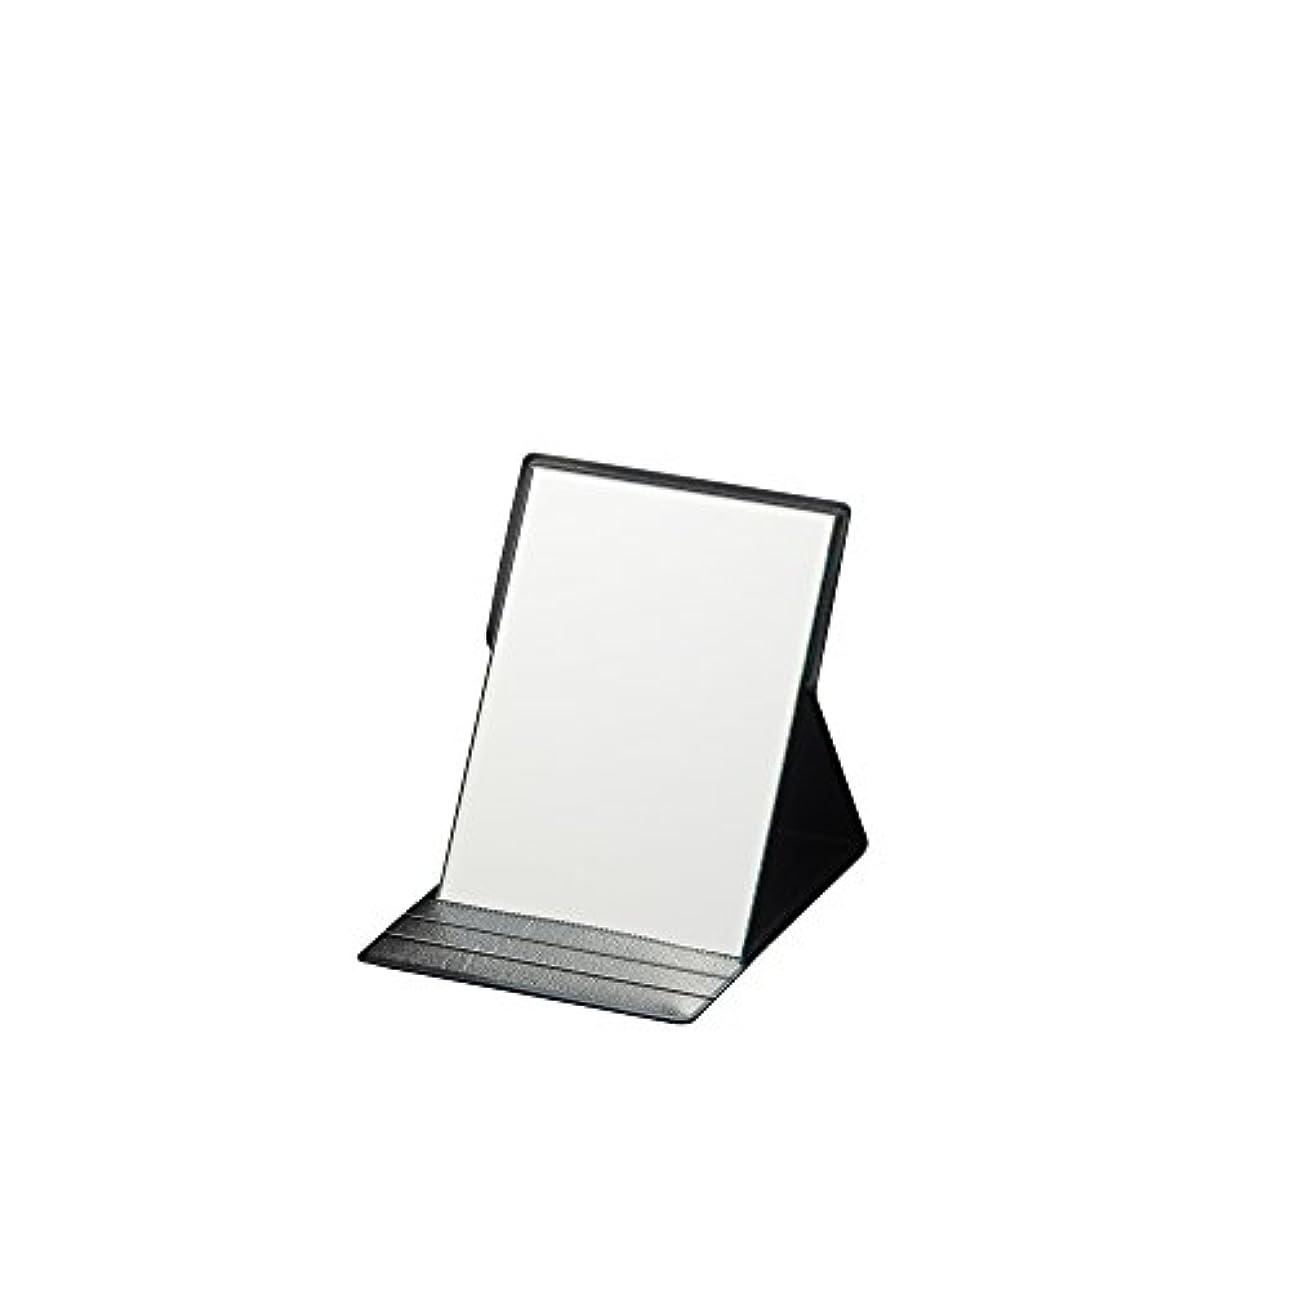 書店キャメル曖昧なナピュアミラー プロモデル折立ナピュアミラーS ブラック AM-001BK